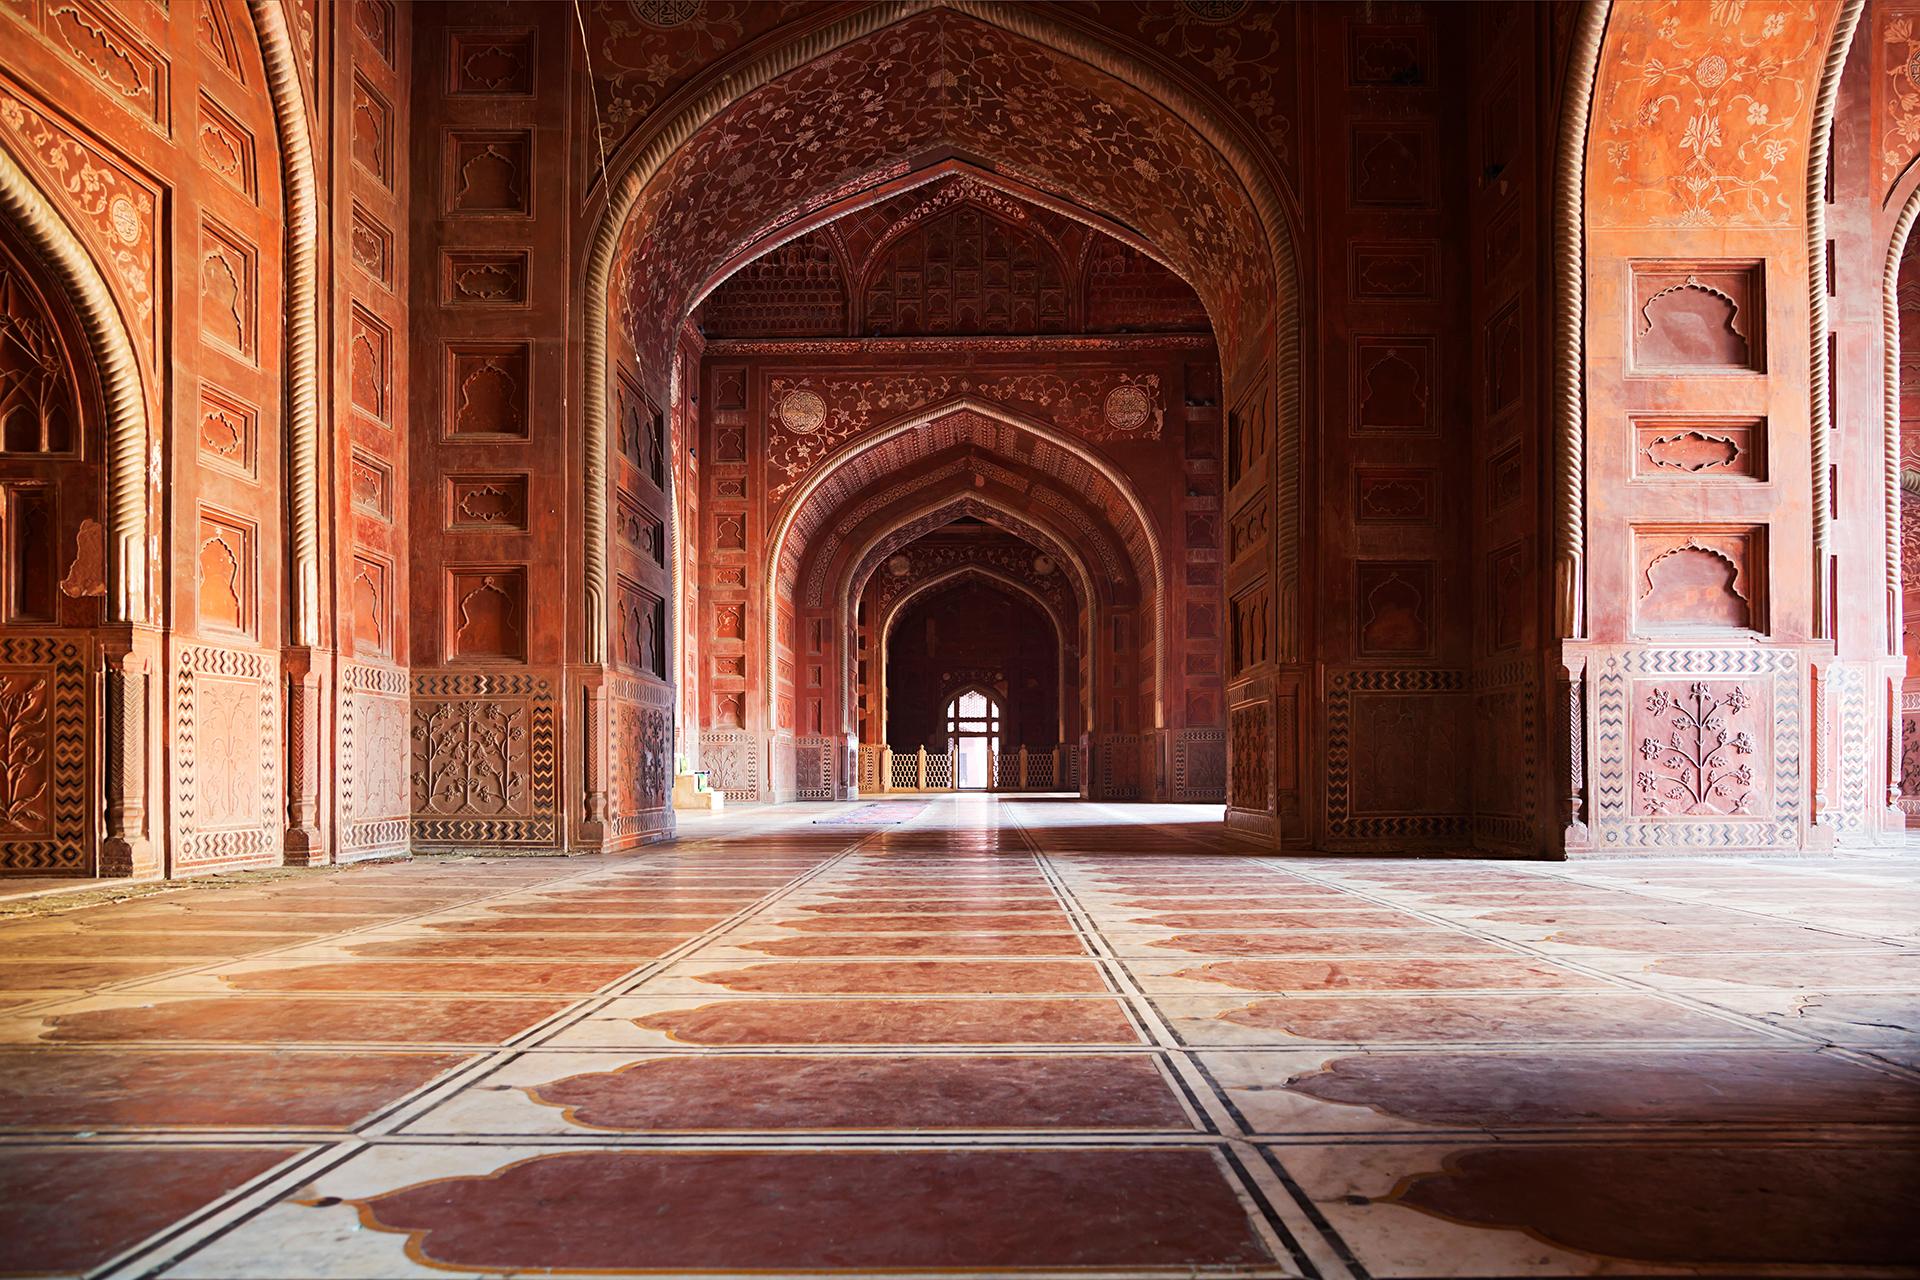 Jal Mahal es una mezcla de diferentes estilos arquitectónicos, como el Rajput y Mughal, muy comunes en Rajasthan